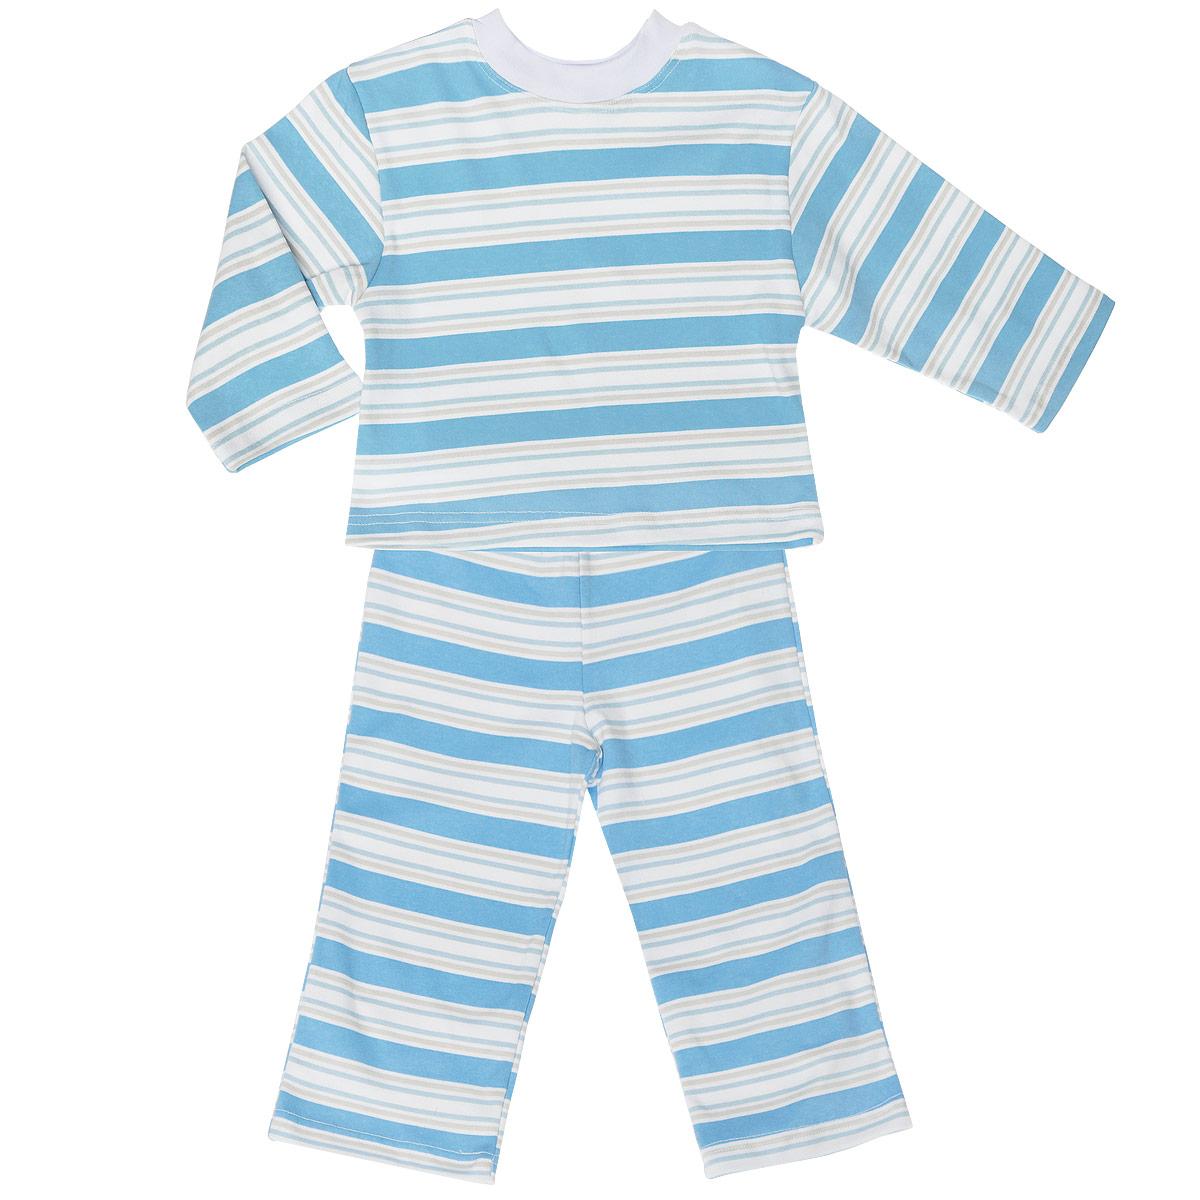 Пижама детская Трон-плюс, цвет: голубой, белый. 5584_полоска. Размер 86/92, 2-3 года5584_полоскаУютная детская пижама Трон-плюс, состоящая из джемпера и брюк, идеально подойдет вашему ребенку и станет отличным дополнением к детскому гардеробу. Изготовленная из натурального хлопка, она необычайно мягкая и легкая, не сковывает движения, позволяет коже дышать и не раздражает даже самую нежную и чувствительную кожу ребенка. Джемпер с длинными рукавами и круглым вырезом горловины оформлен принтом в полоску. Вырез горловины дополнен трикотажной эластичной резинкой. Брюки на талии имеют эластичную резинку, благодаря чему не сдавливают живот ребенка и не сползают. Оформлены брючки также принтом в полоску. В такой пижаме ваш ребенок будет чувствовать себя комфортно и уютно во время сна.